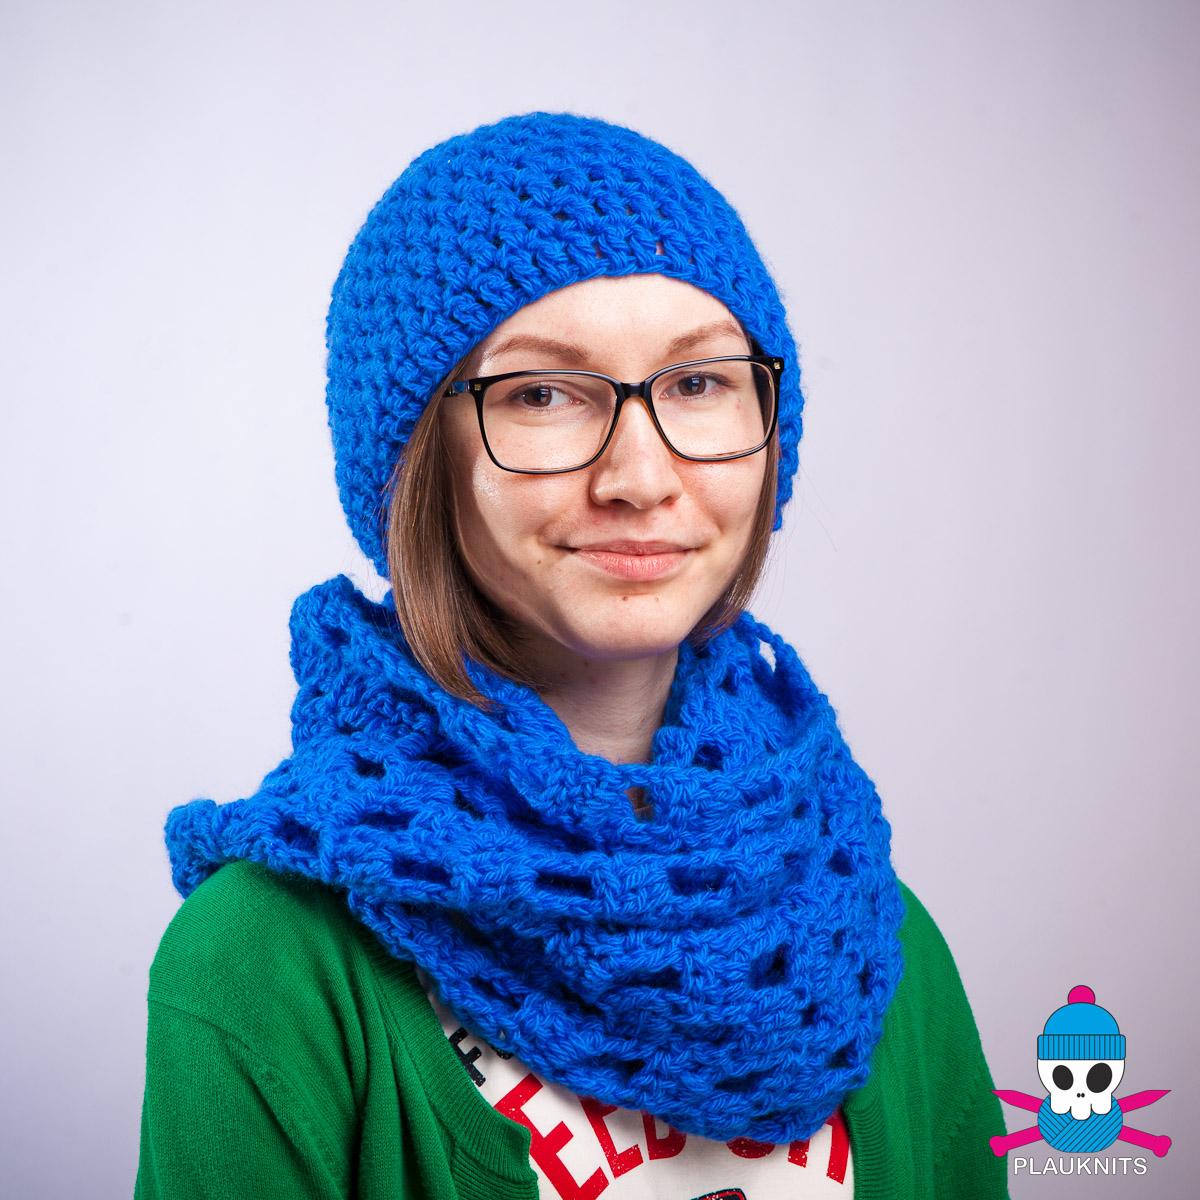 Синий вязаный комплект шарф снуд и шапка Кристалл